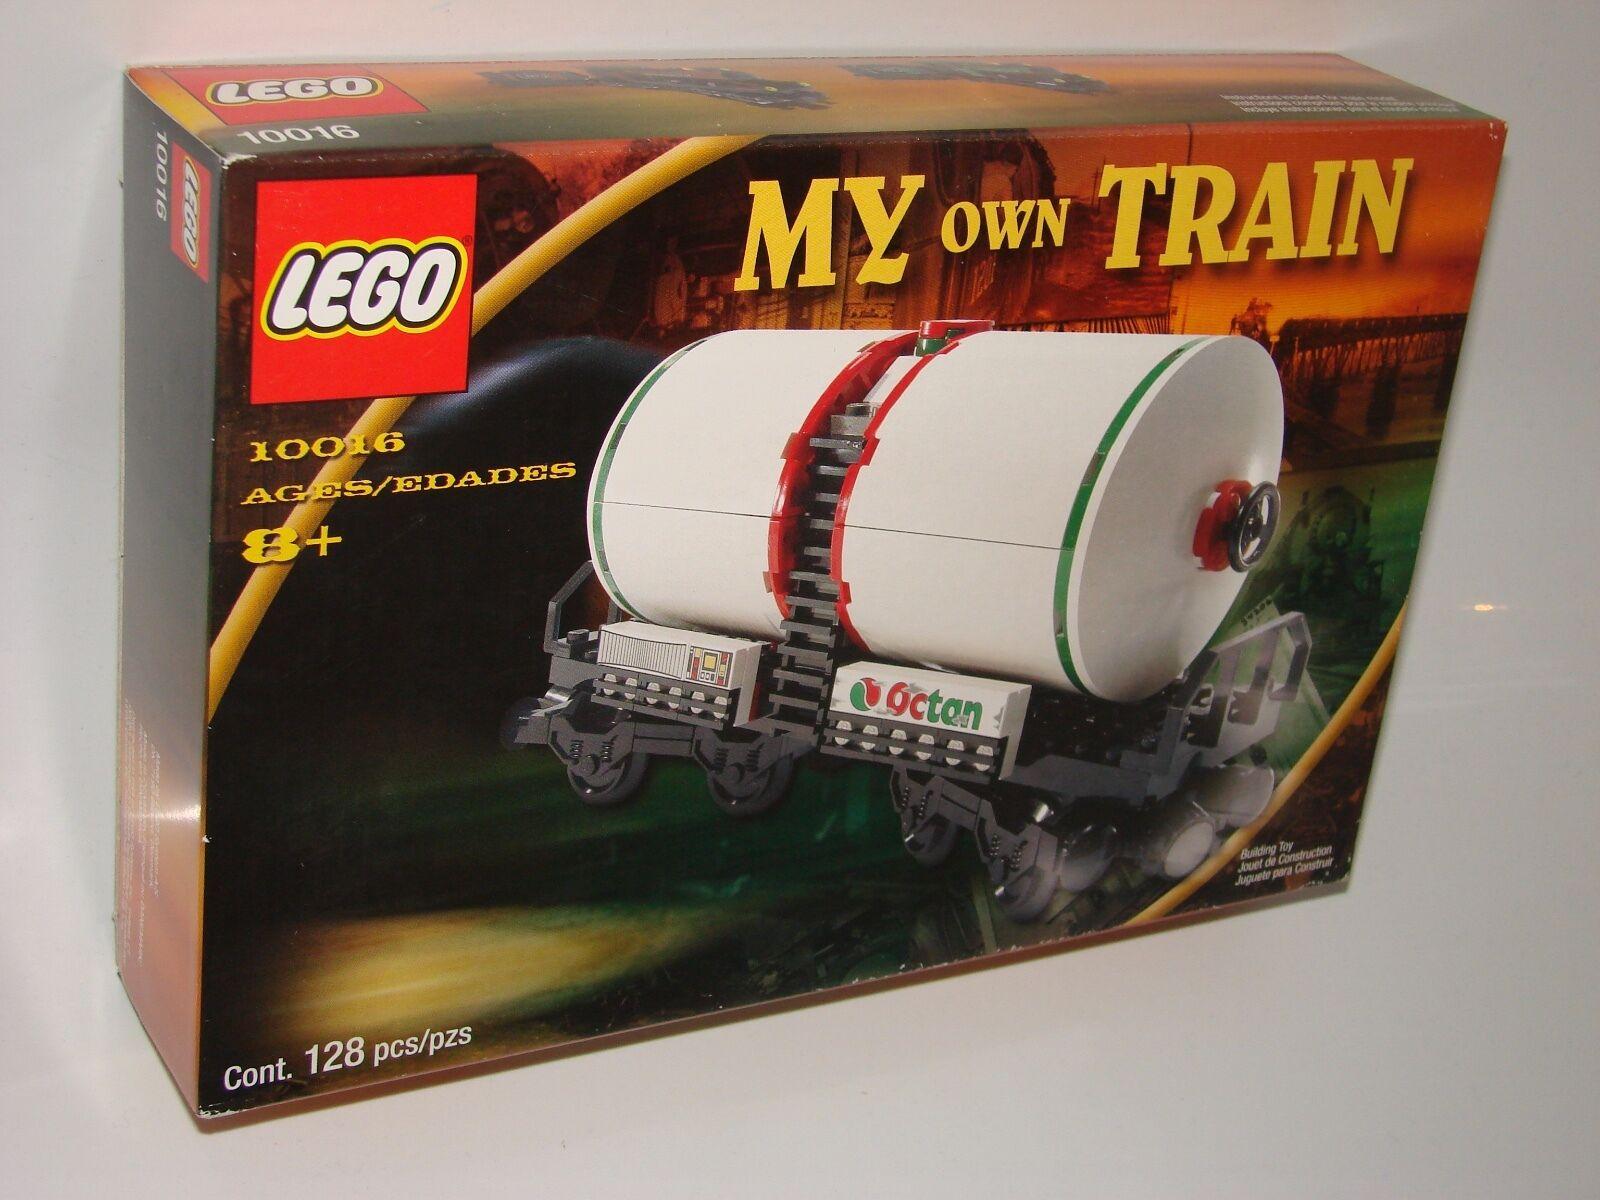 LEGO ® My Own Train 10016 CAMION CITERNE NEUF neuf dans sa boîte _ pétrolier NEW En parfait état, dans sa boîte scellée Boîte d'origine jamais ouverte